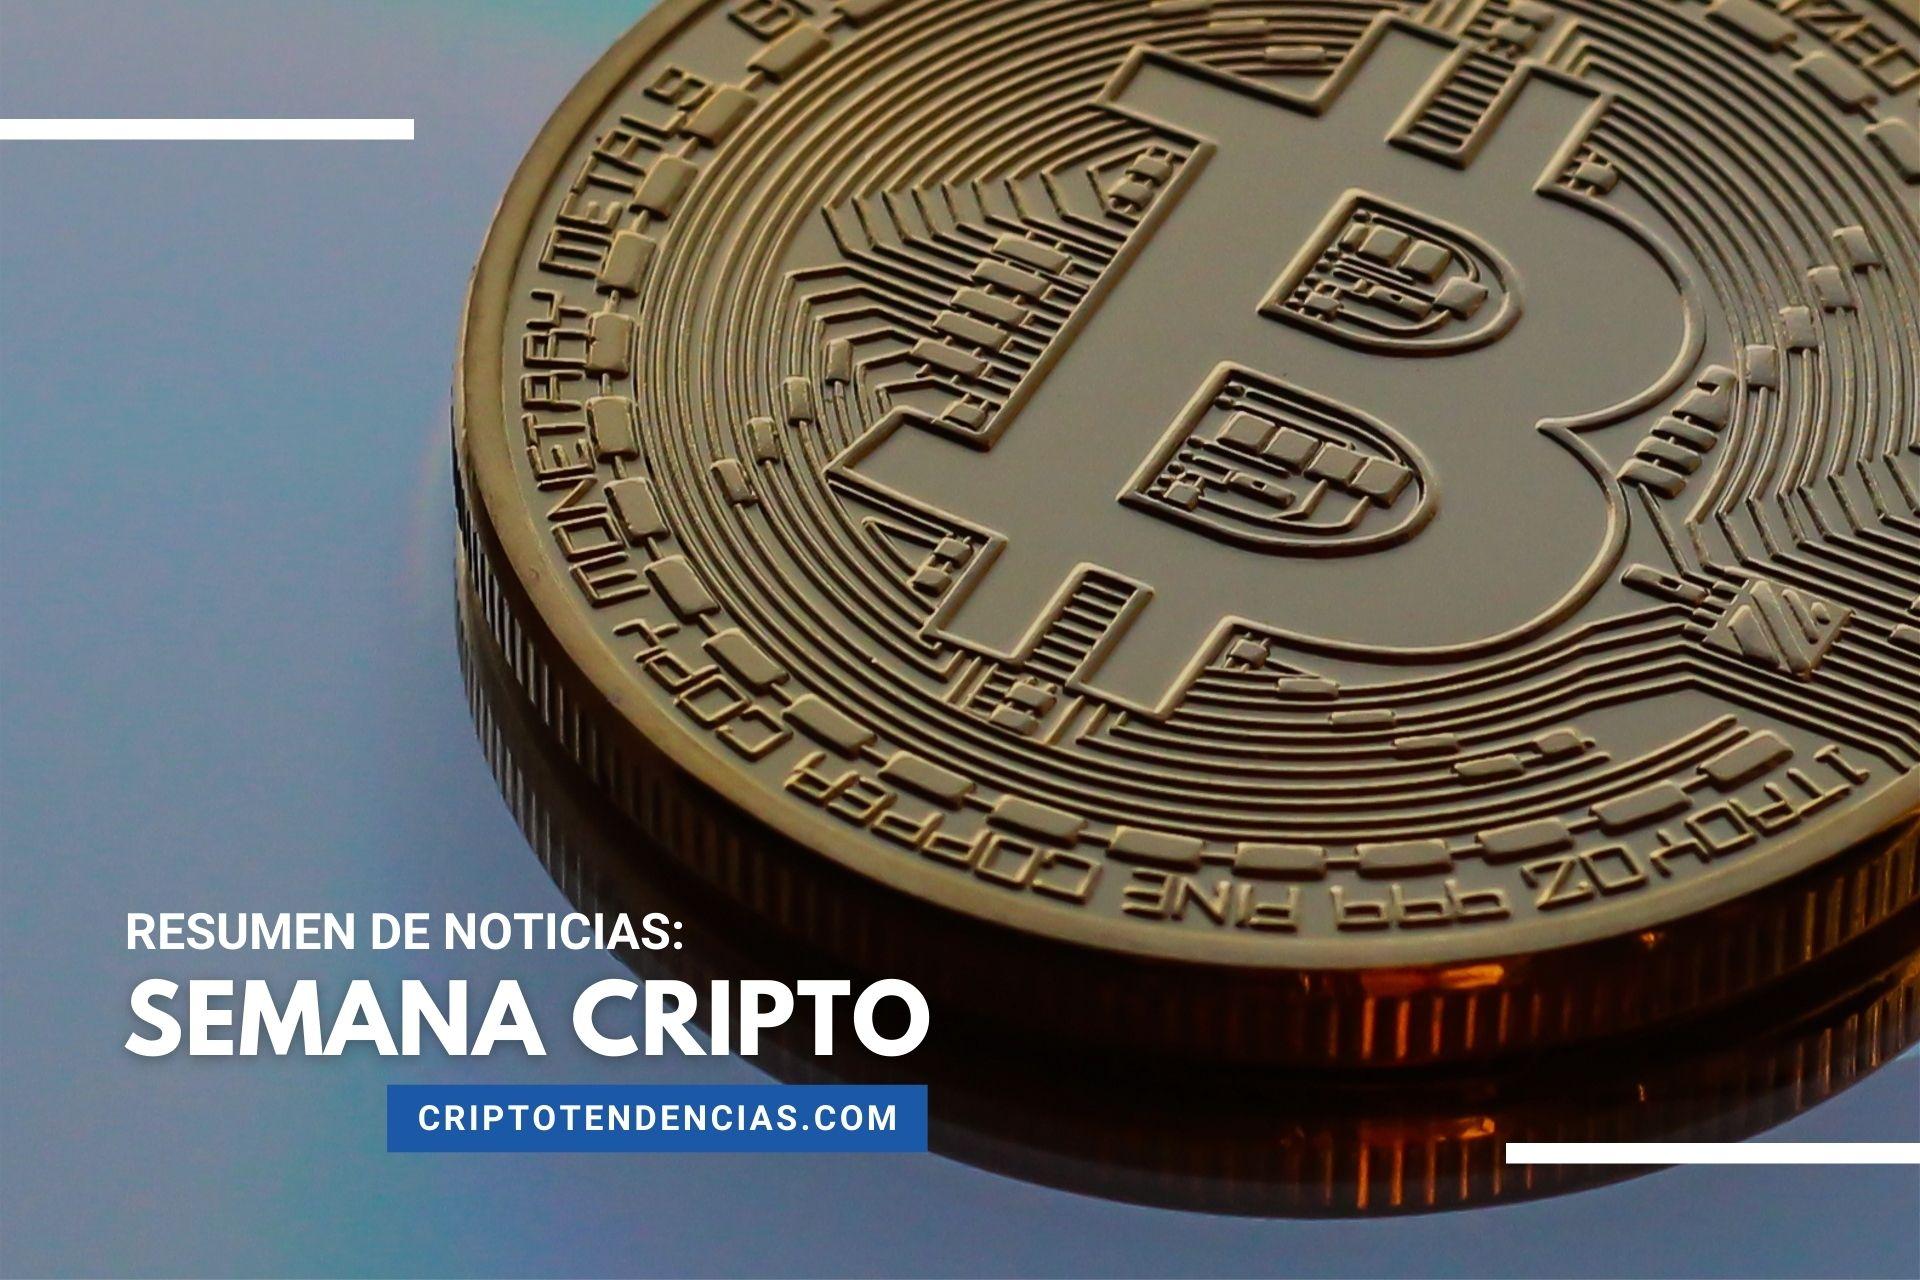 Algunas noticias que no puedes dejar de leer sobre Bitcoin y las criptomonedas en la Semana Cripto